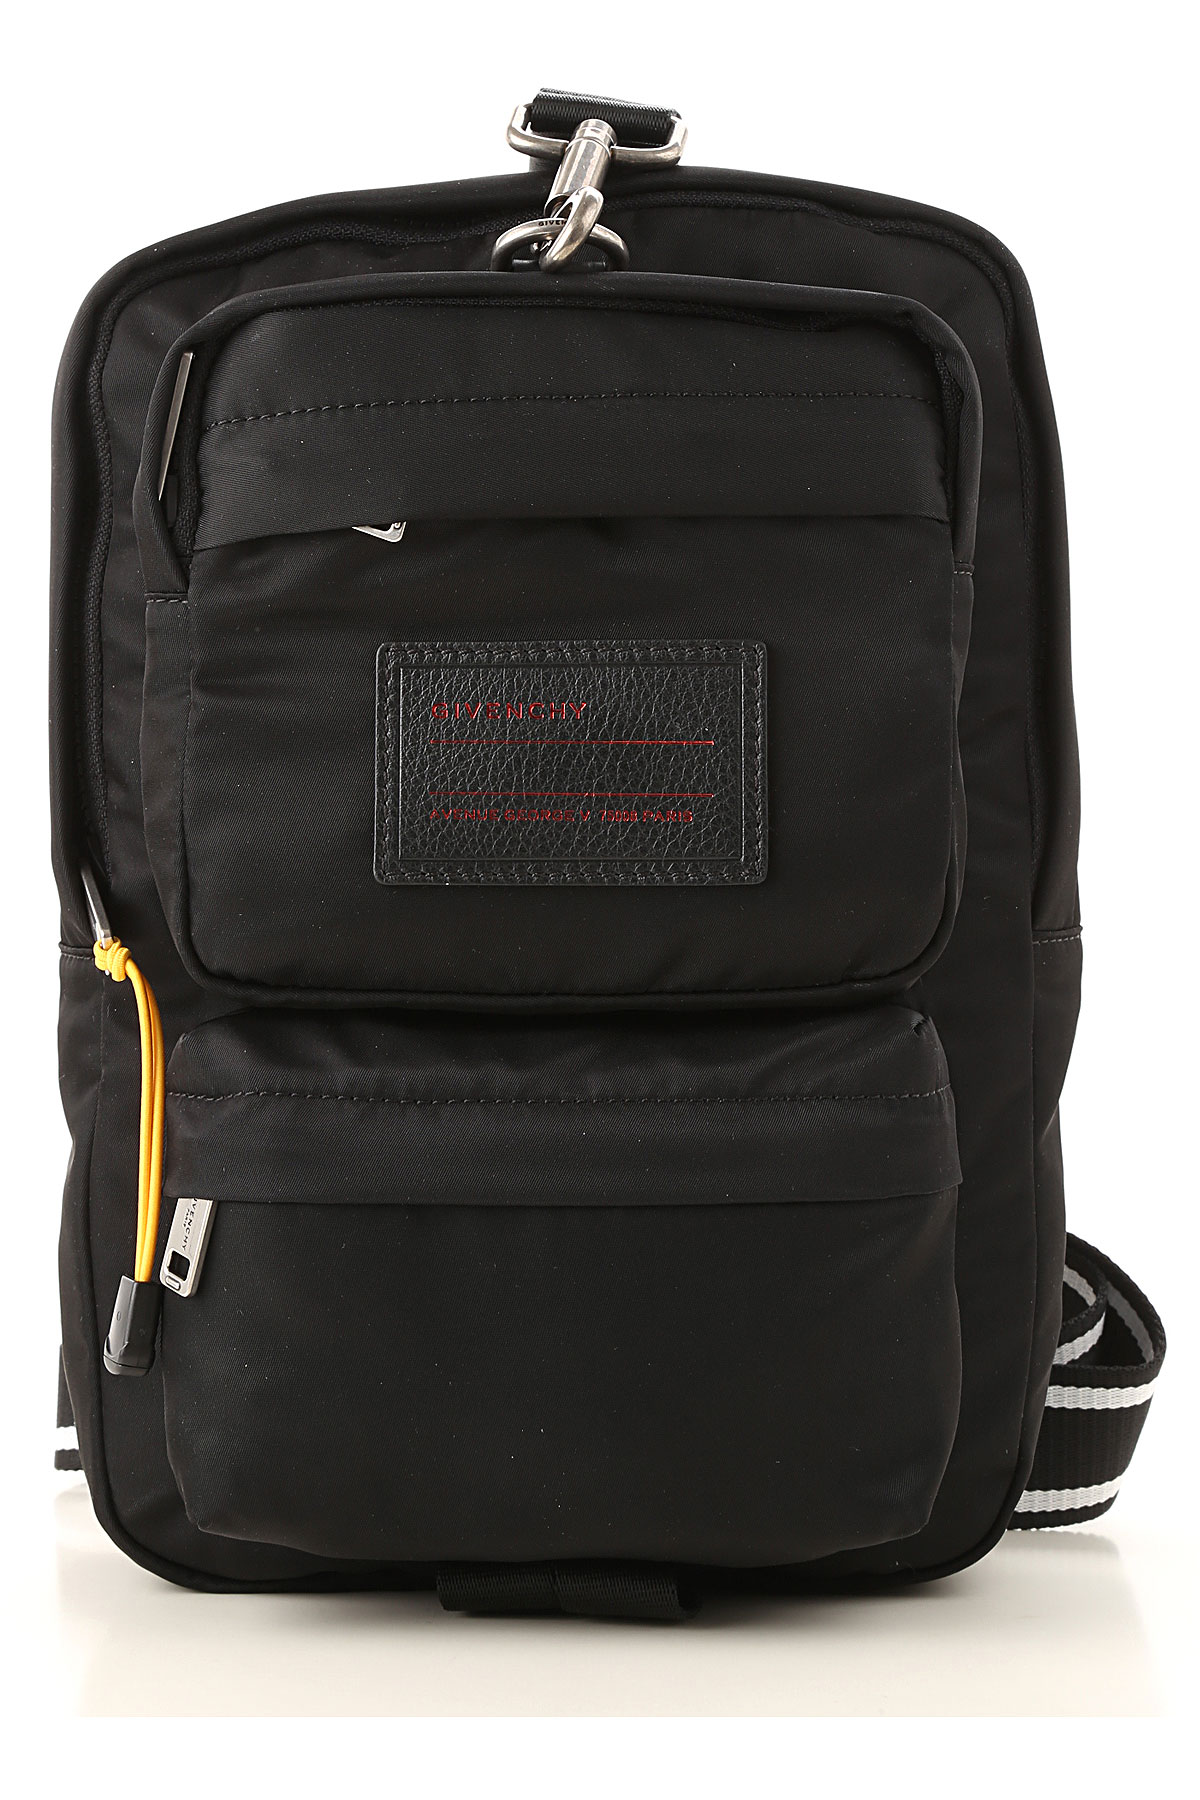 Givenchy Backpack for Men, Black, polyamide, 2019